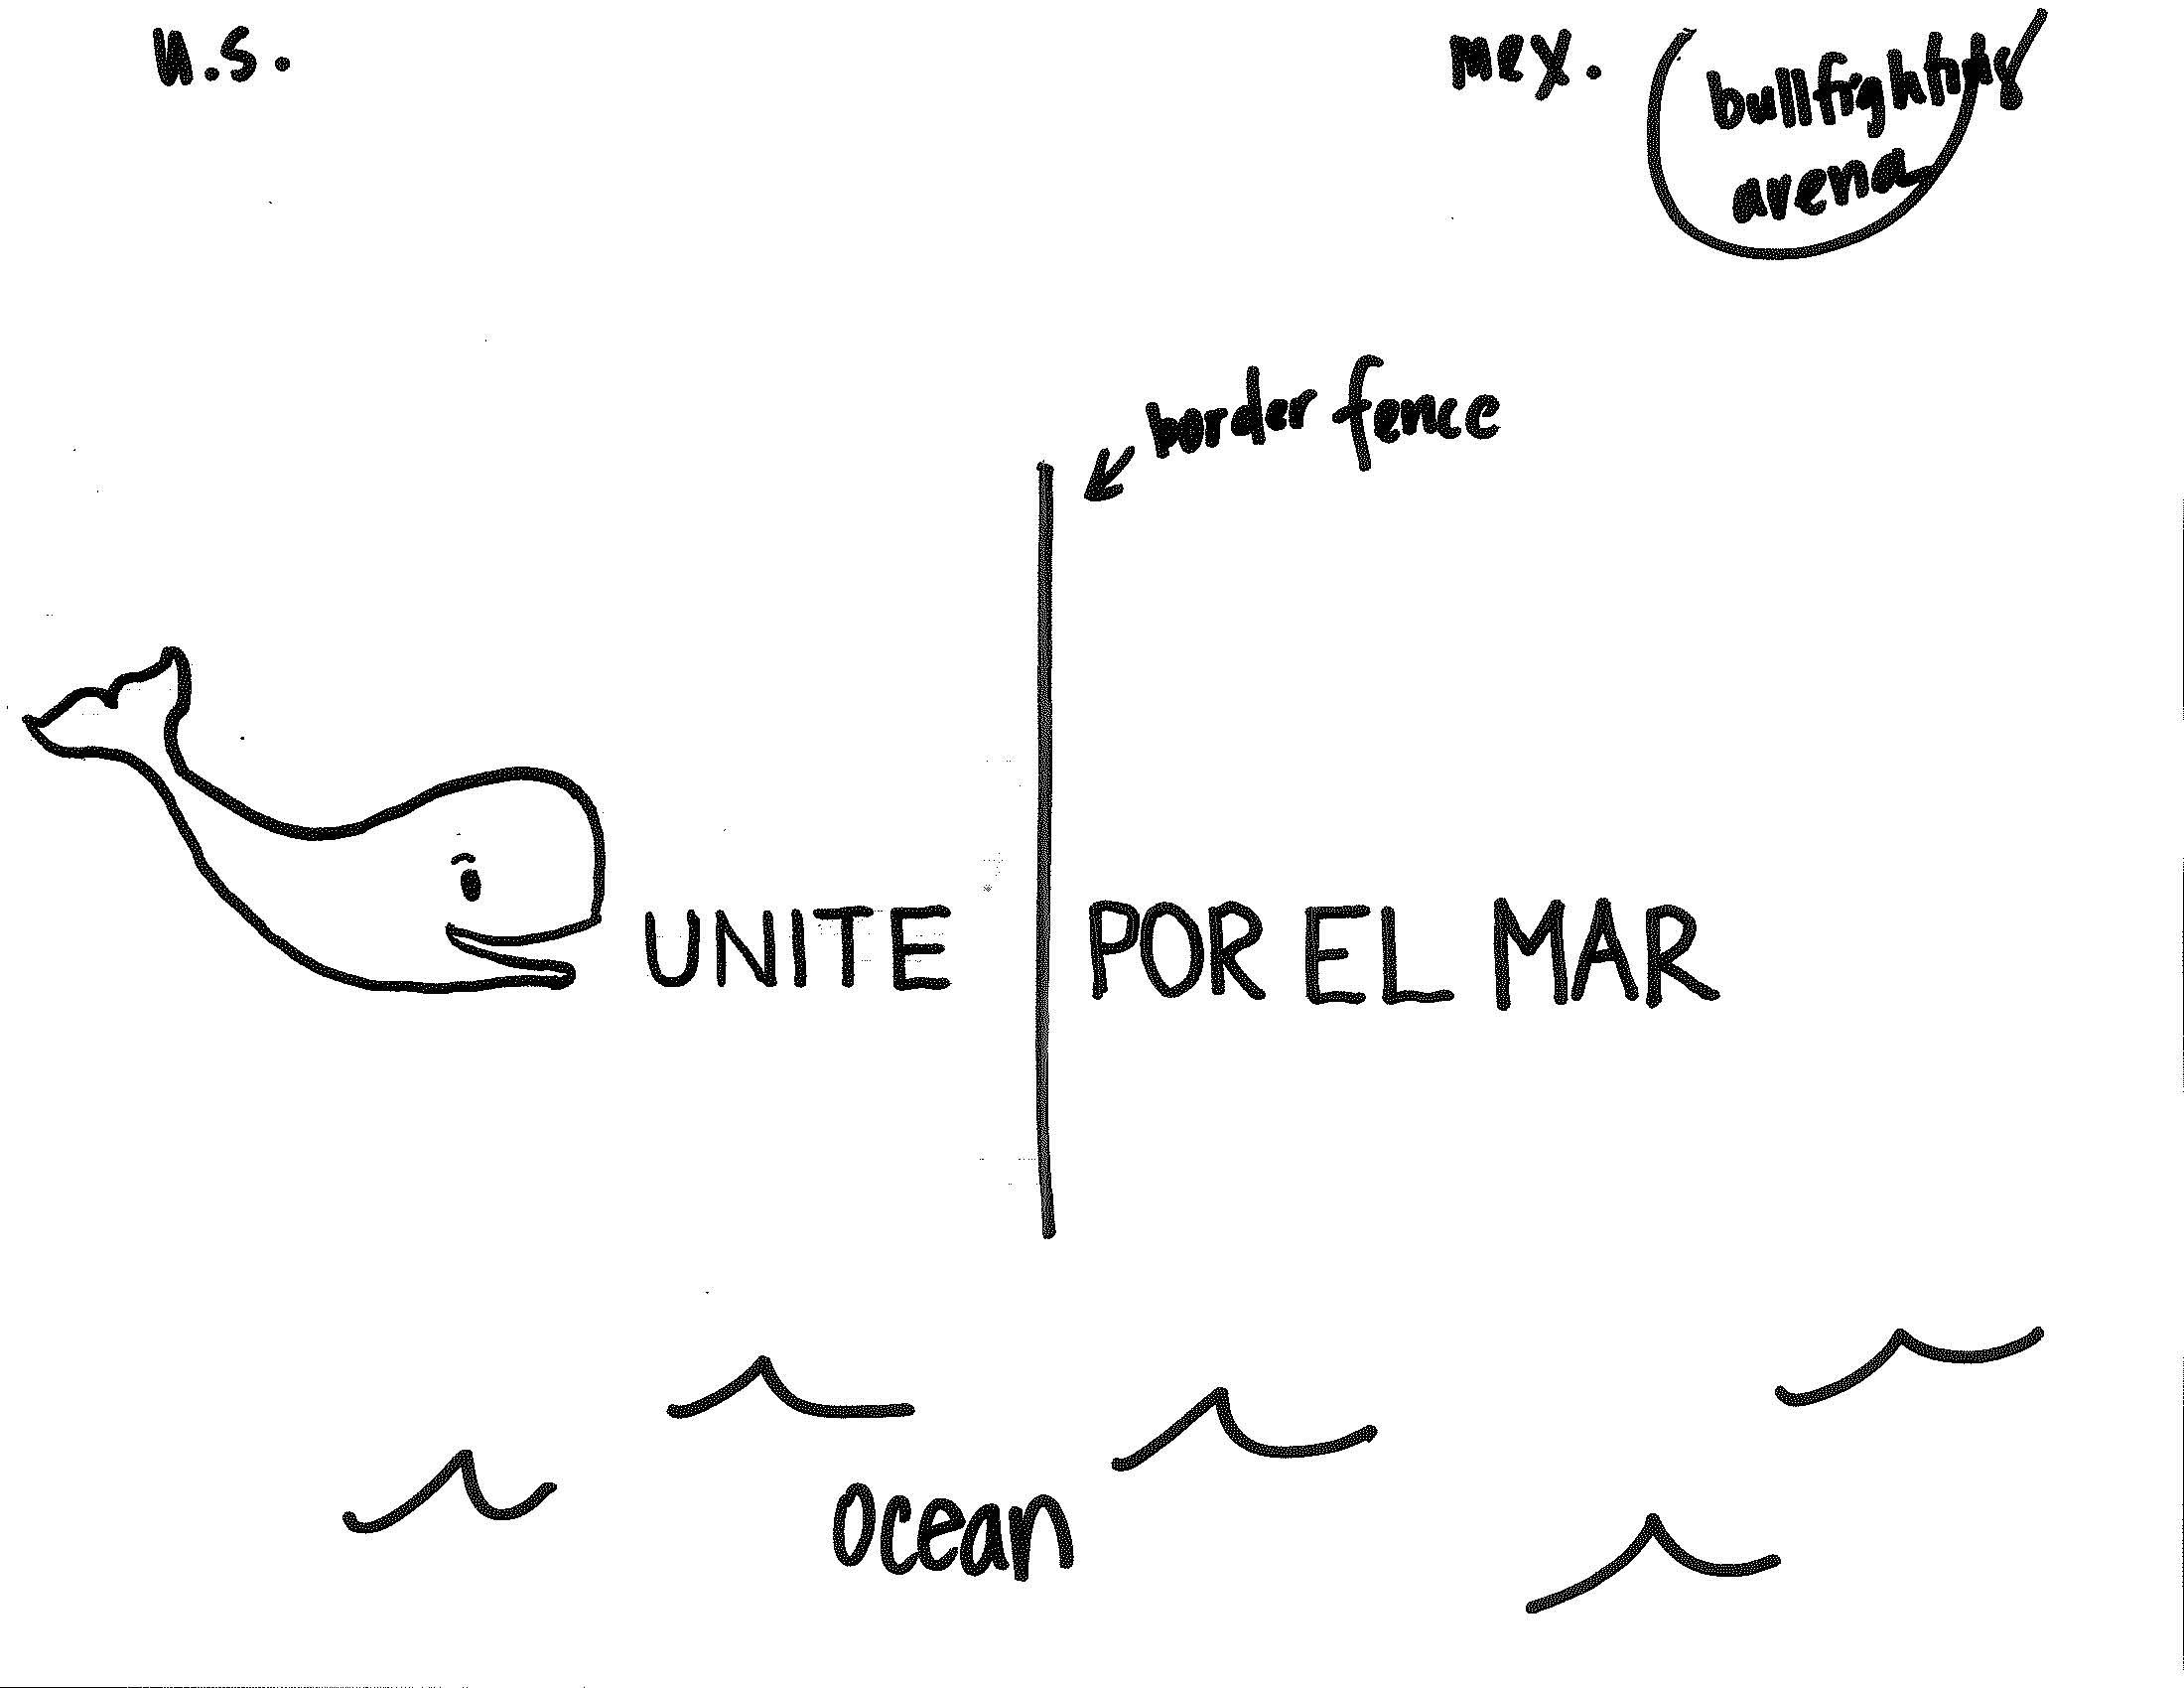 UNITE POR EL MAR!